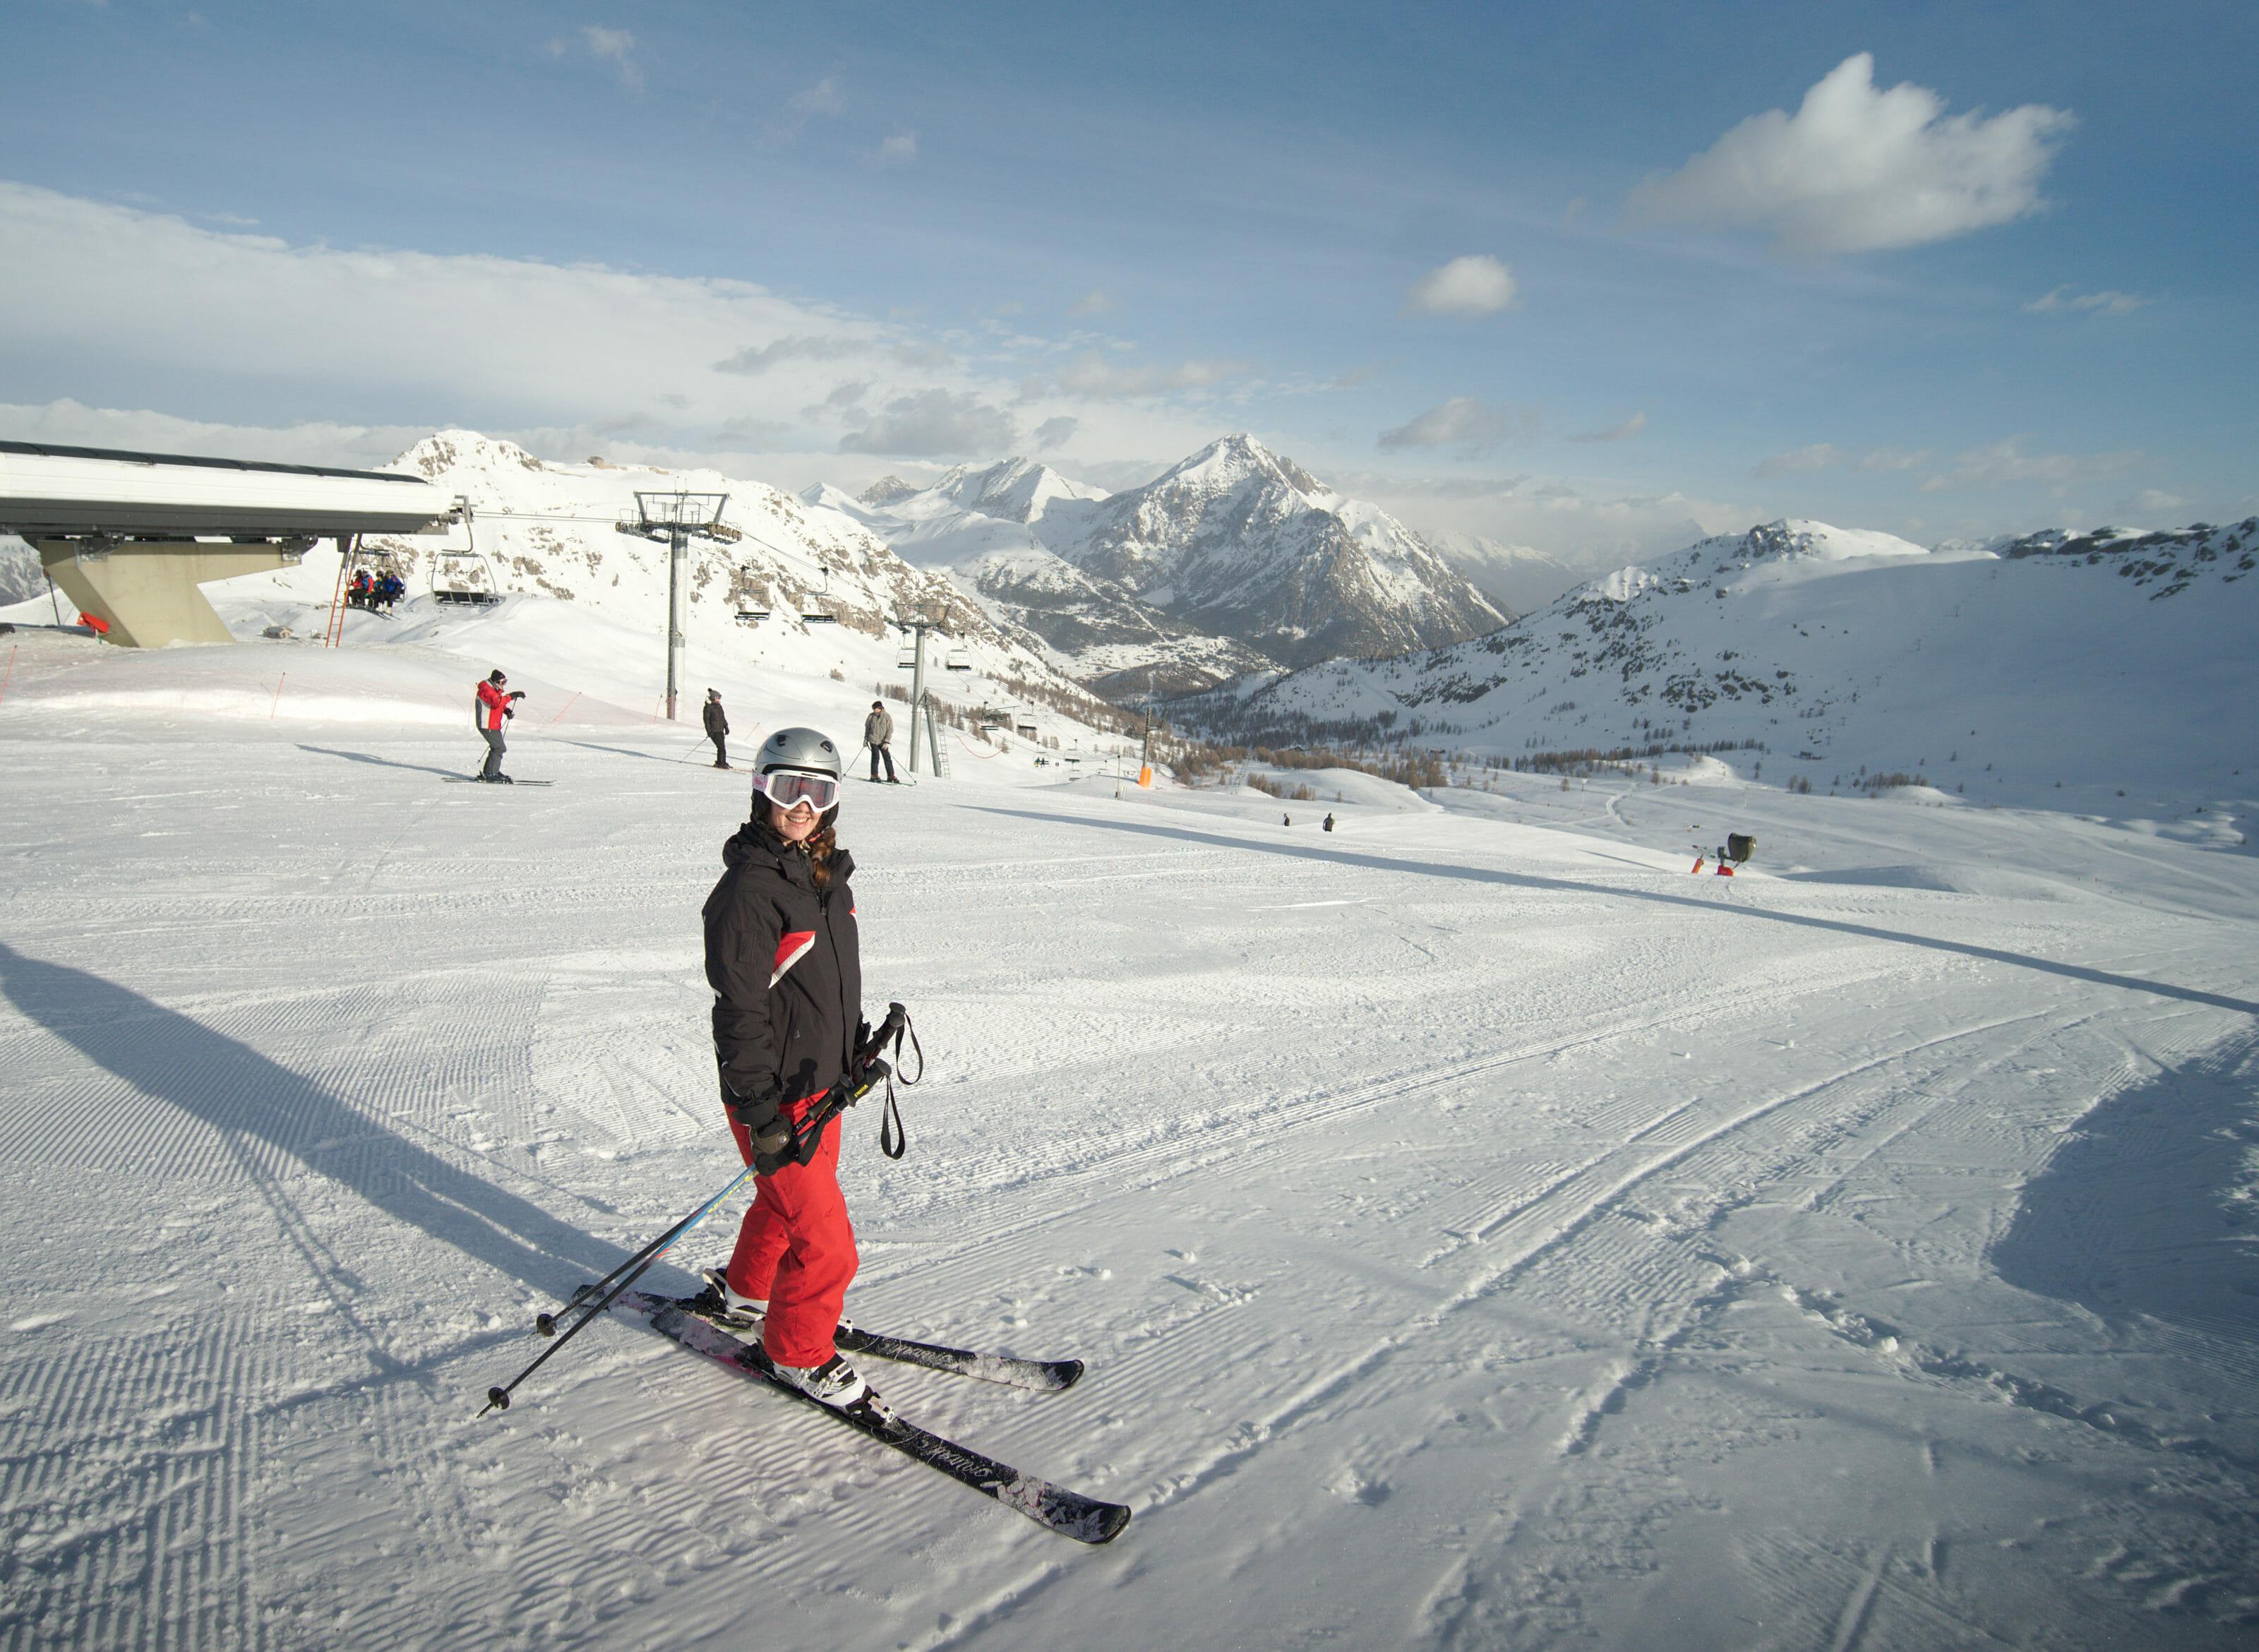 sur les skis